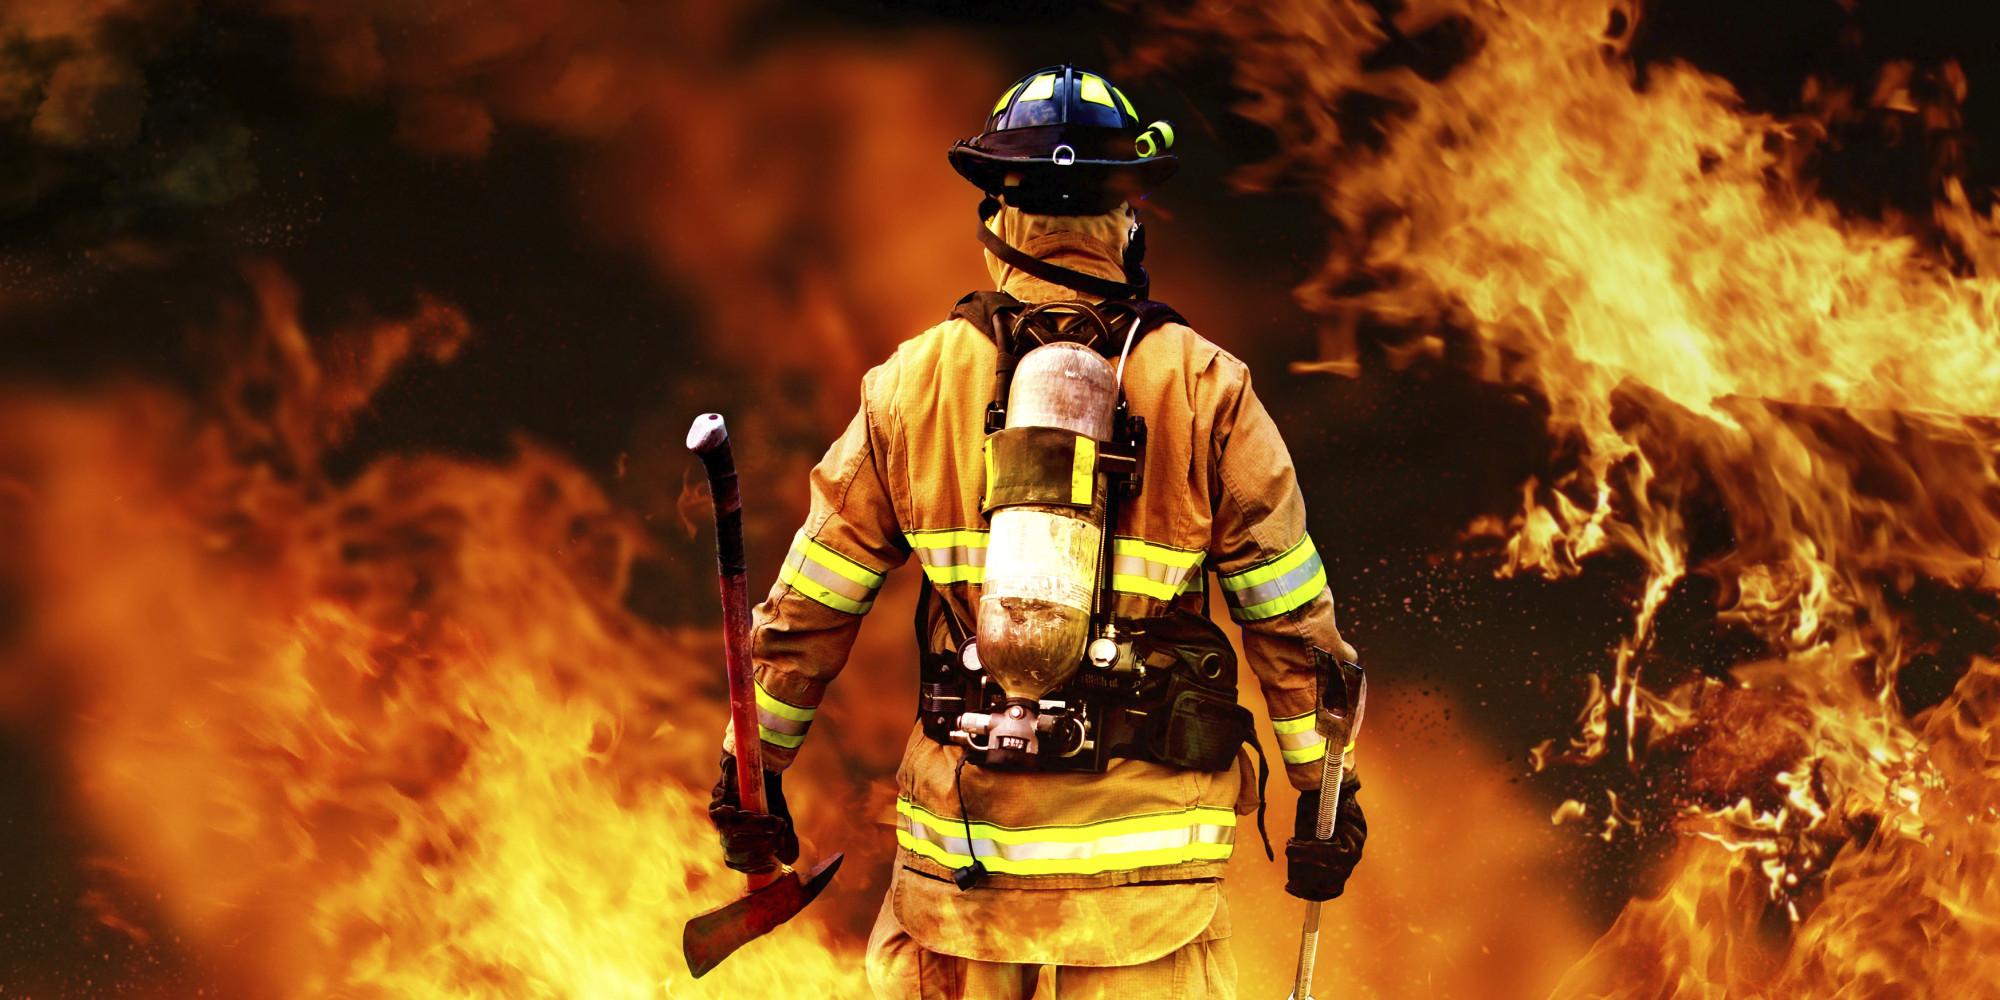 آوسبیلدونگ آتش نشانی در آلمان